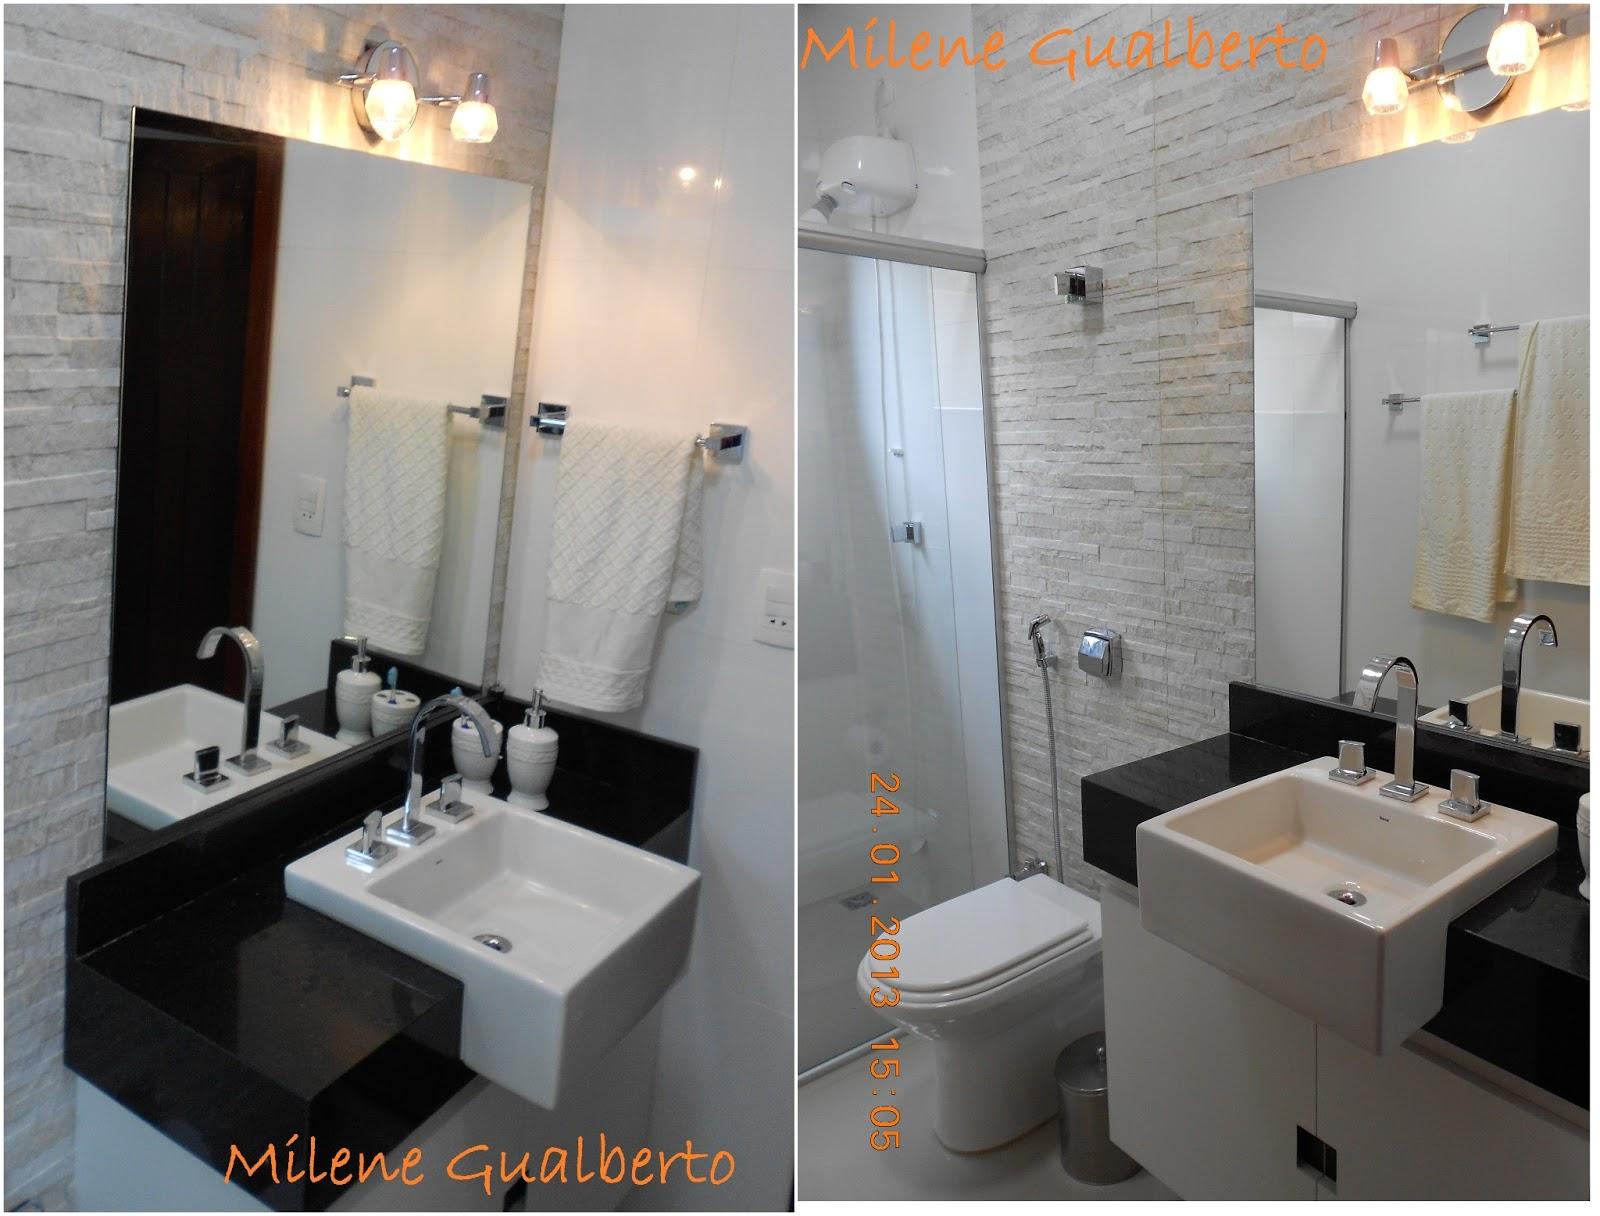 Milene Gualberto: Projetos Residênciais Banheiro Porcelanato HD #A15C2A 1600x1216 Banheiro Com Banheira Bege